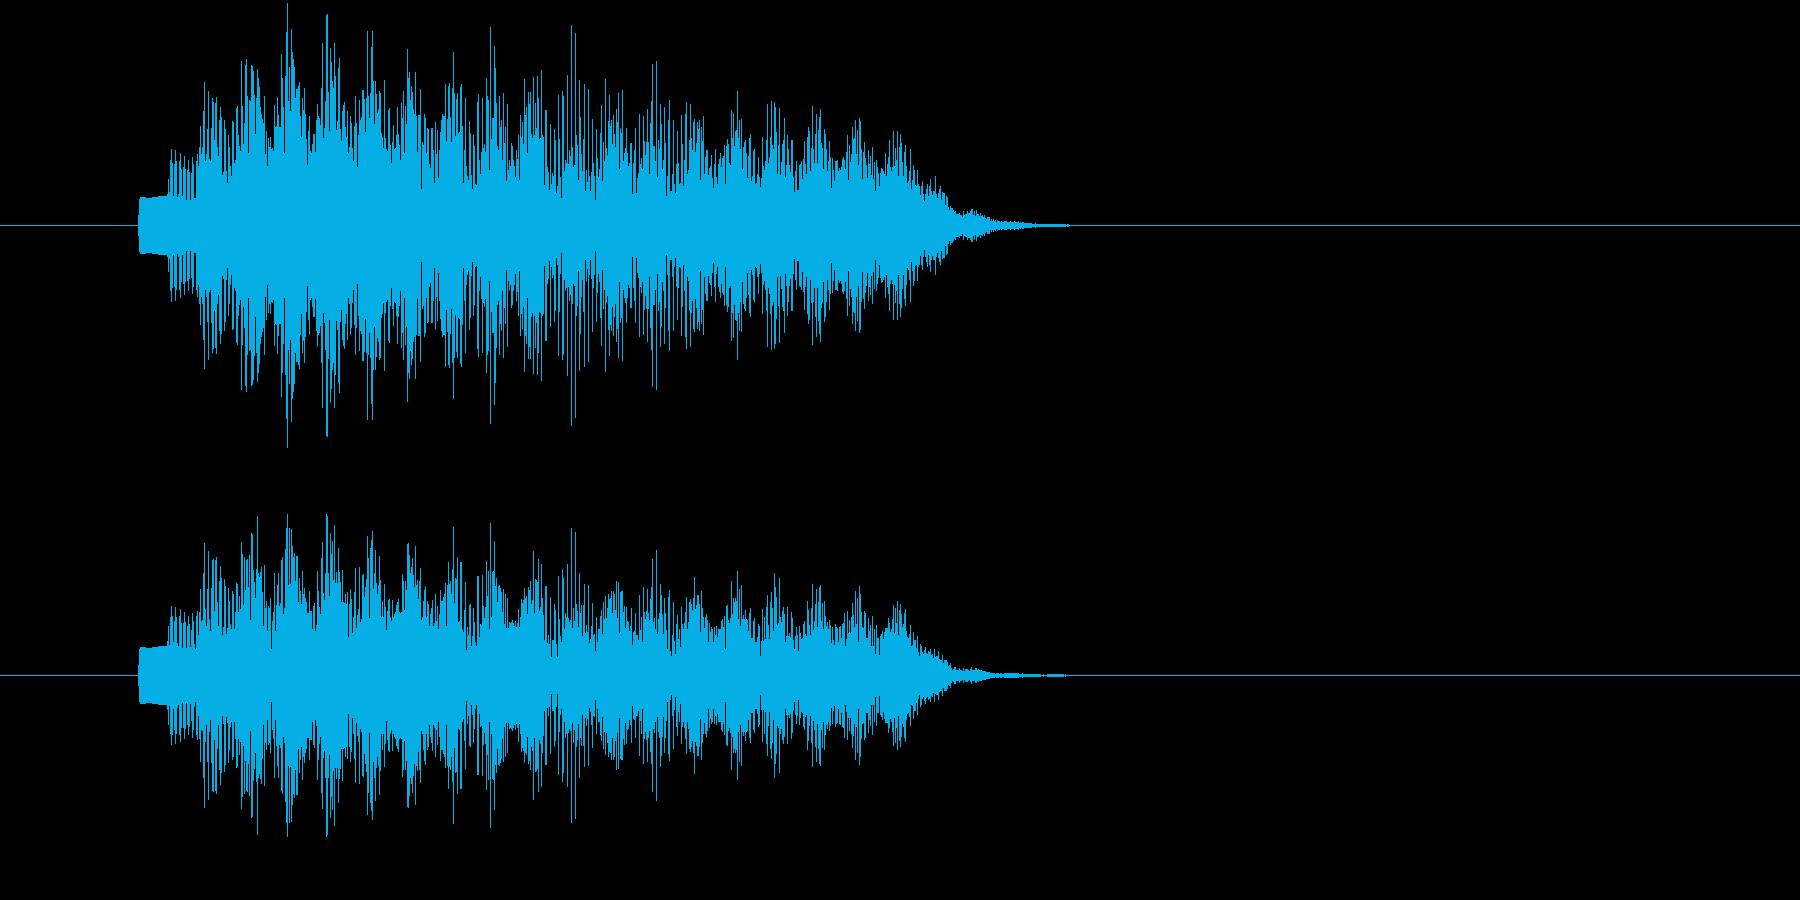 ひらめき、輝き、ときめき、を連想させる音の再生済みの波形